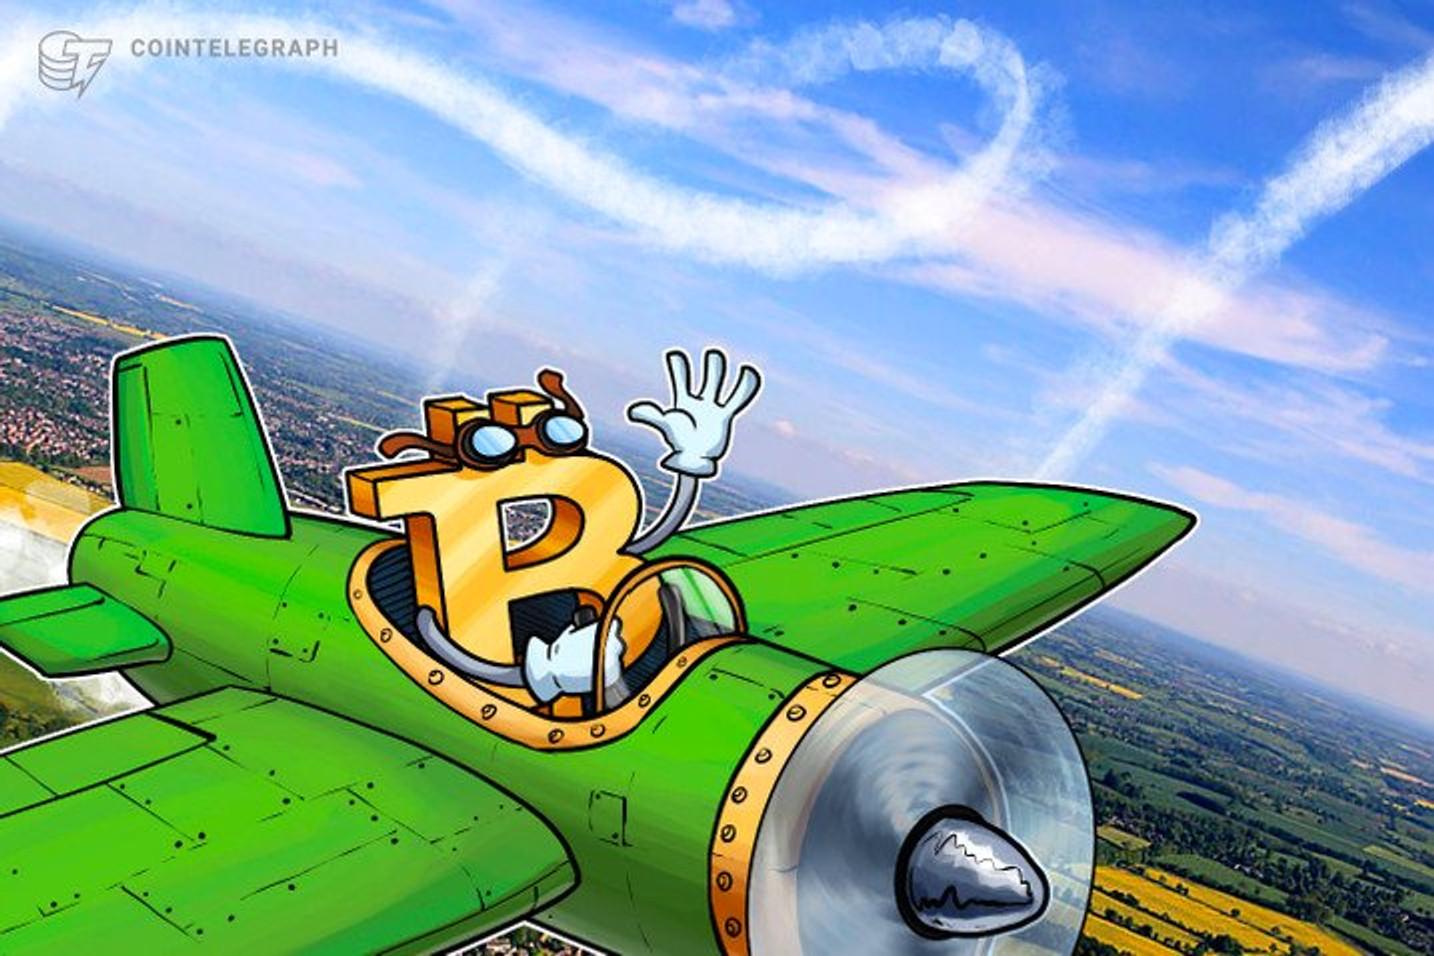 Fundador de gestora de US$ 270 bilhões prevê nova queda do Bitcoin, mas acredita que criptomoeda chegará a US$ 600 mil